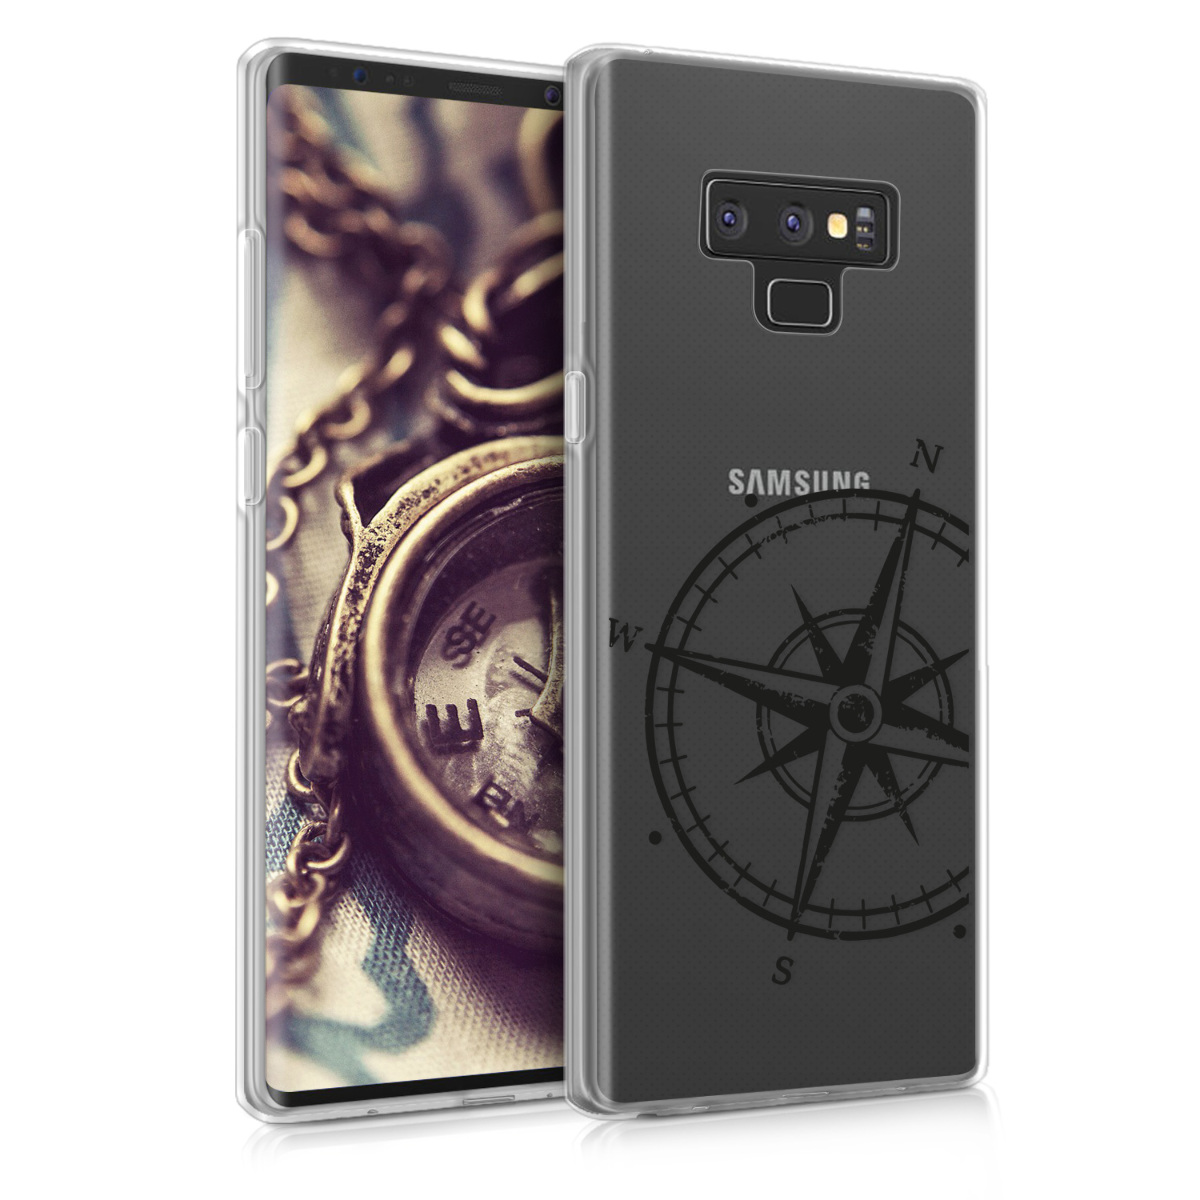 Kvalitní silikonové TPU pouzdro pro Samsung Note 9 - Navigační Compass černé / transparentní